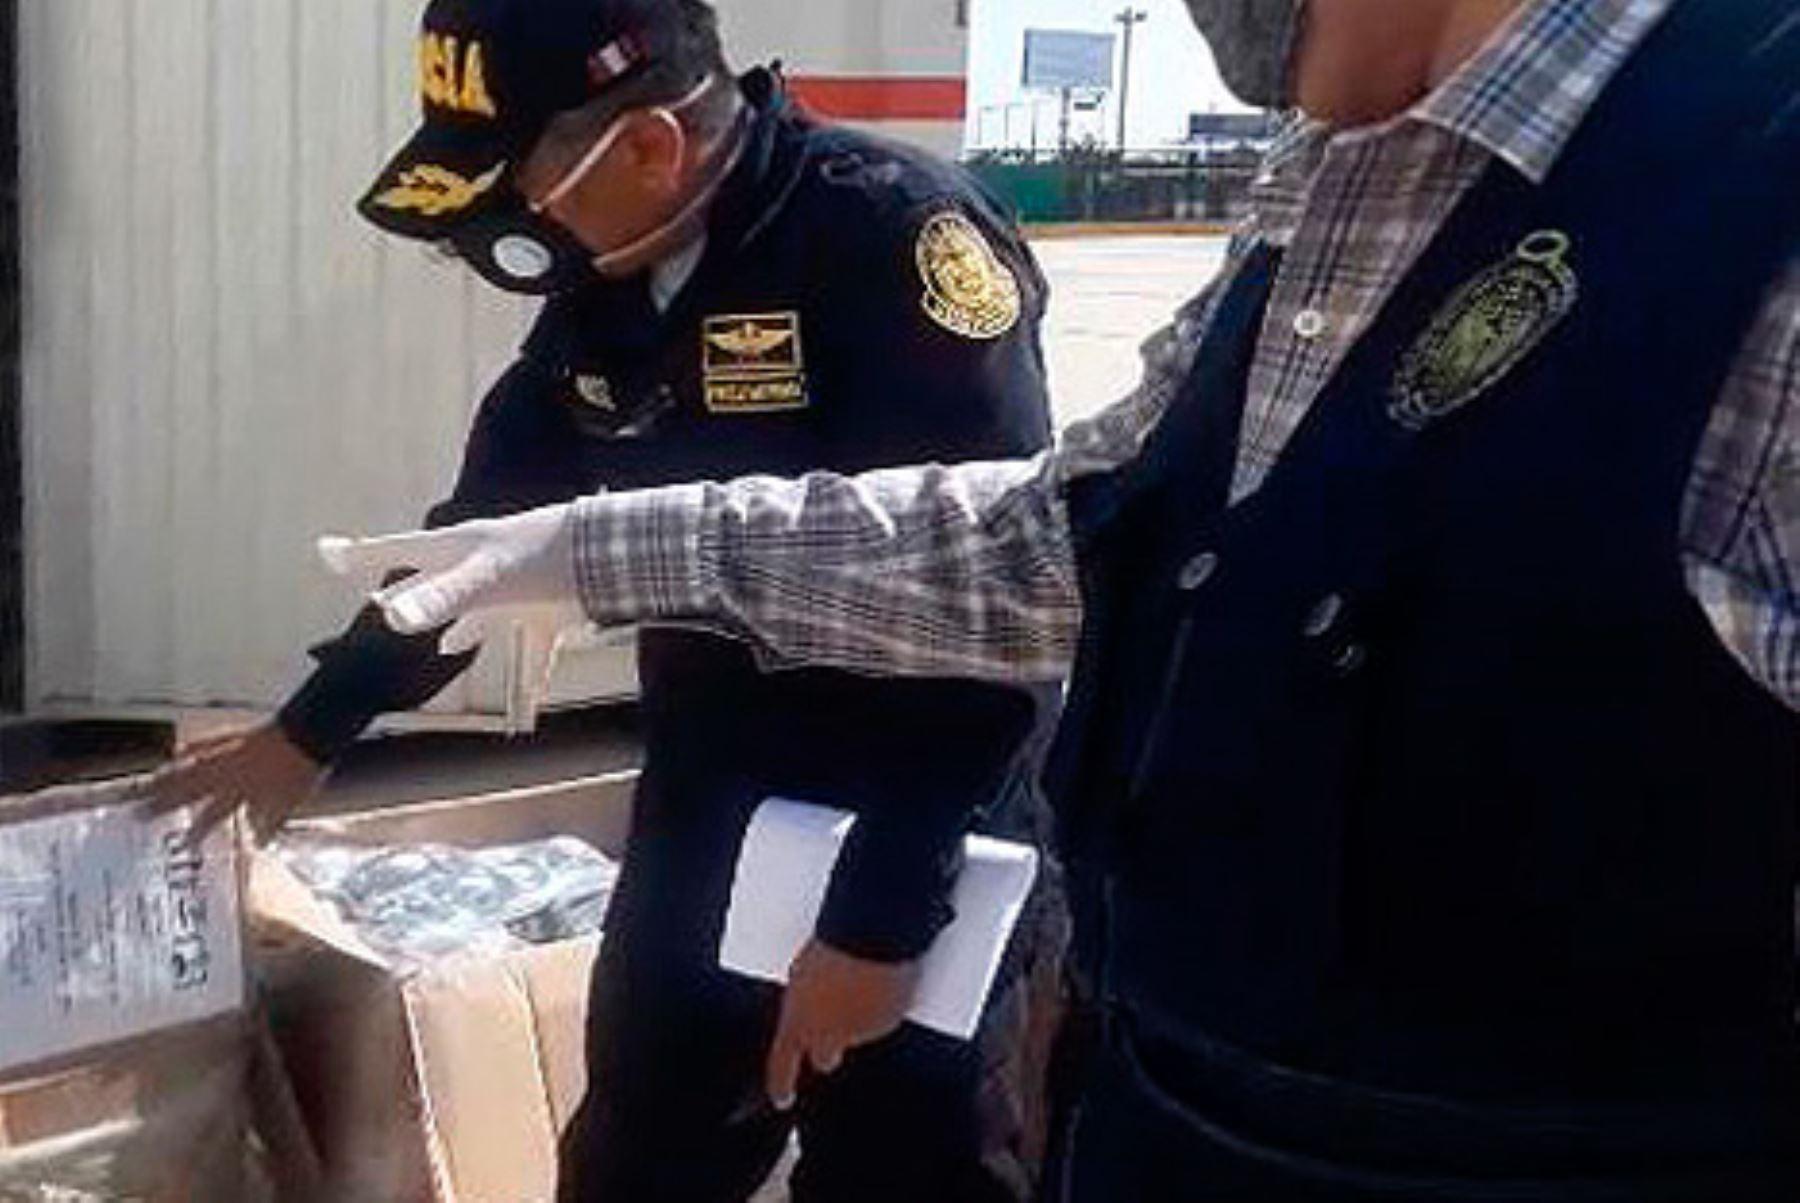 Fiscalía apelará fallo de 18 meses de prisión preventiva para presuntos malos policías | Noticias